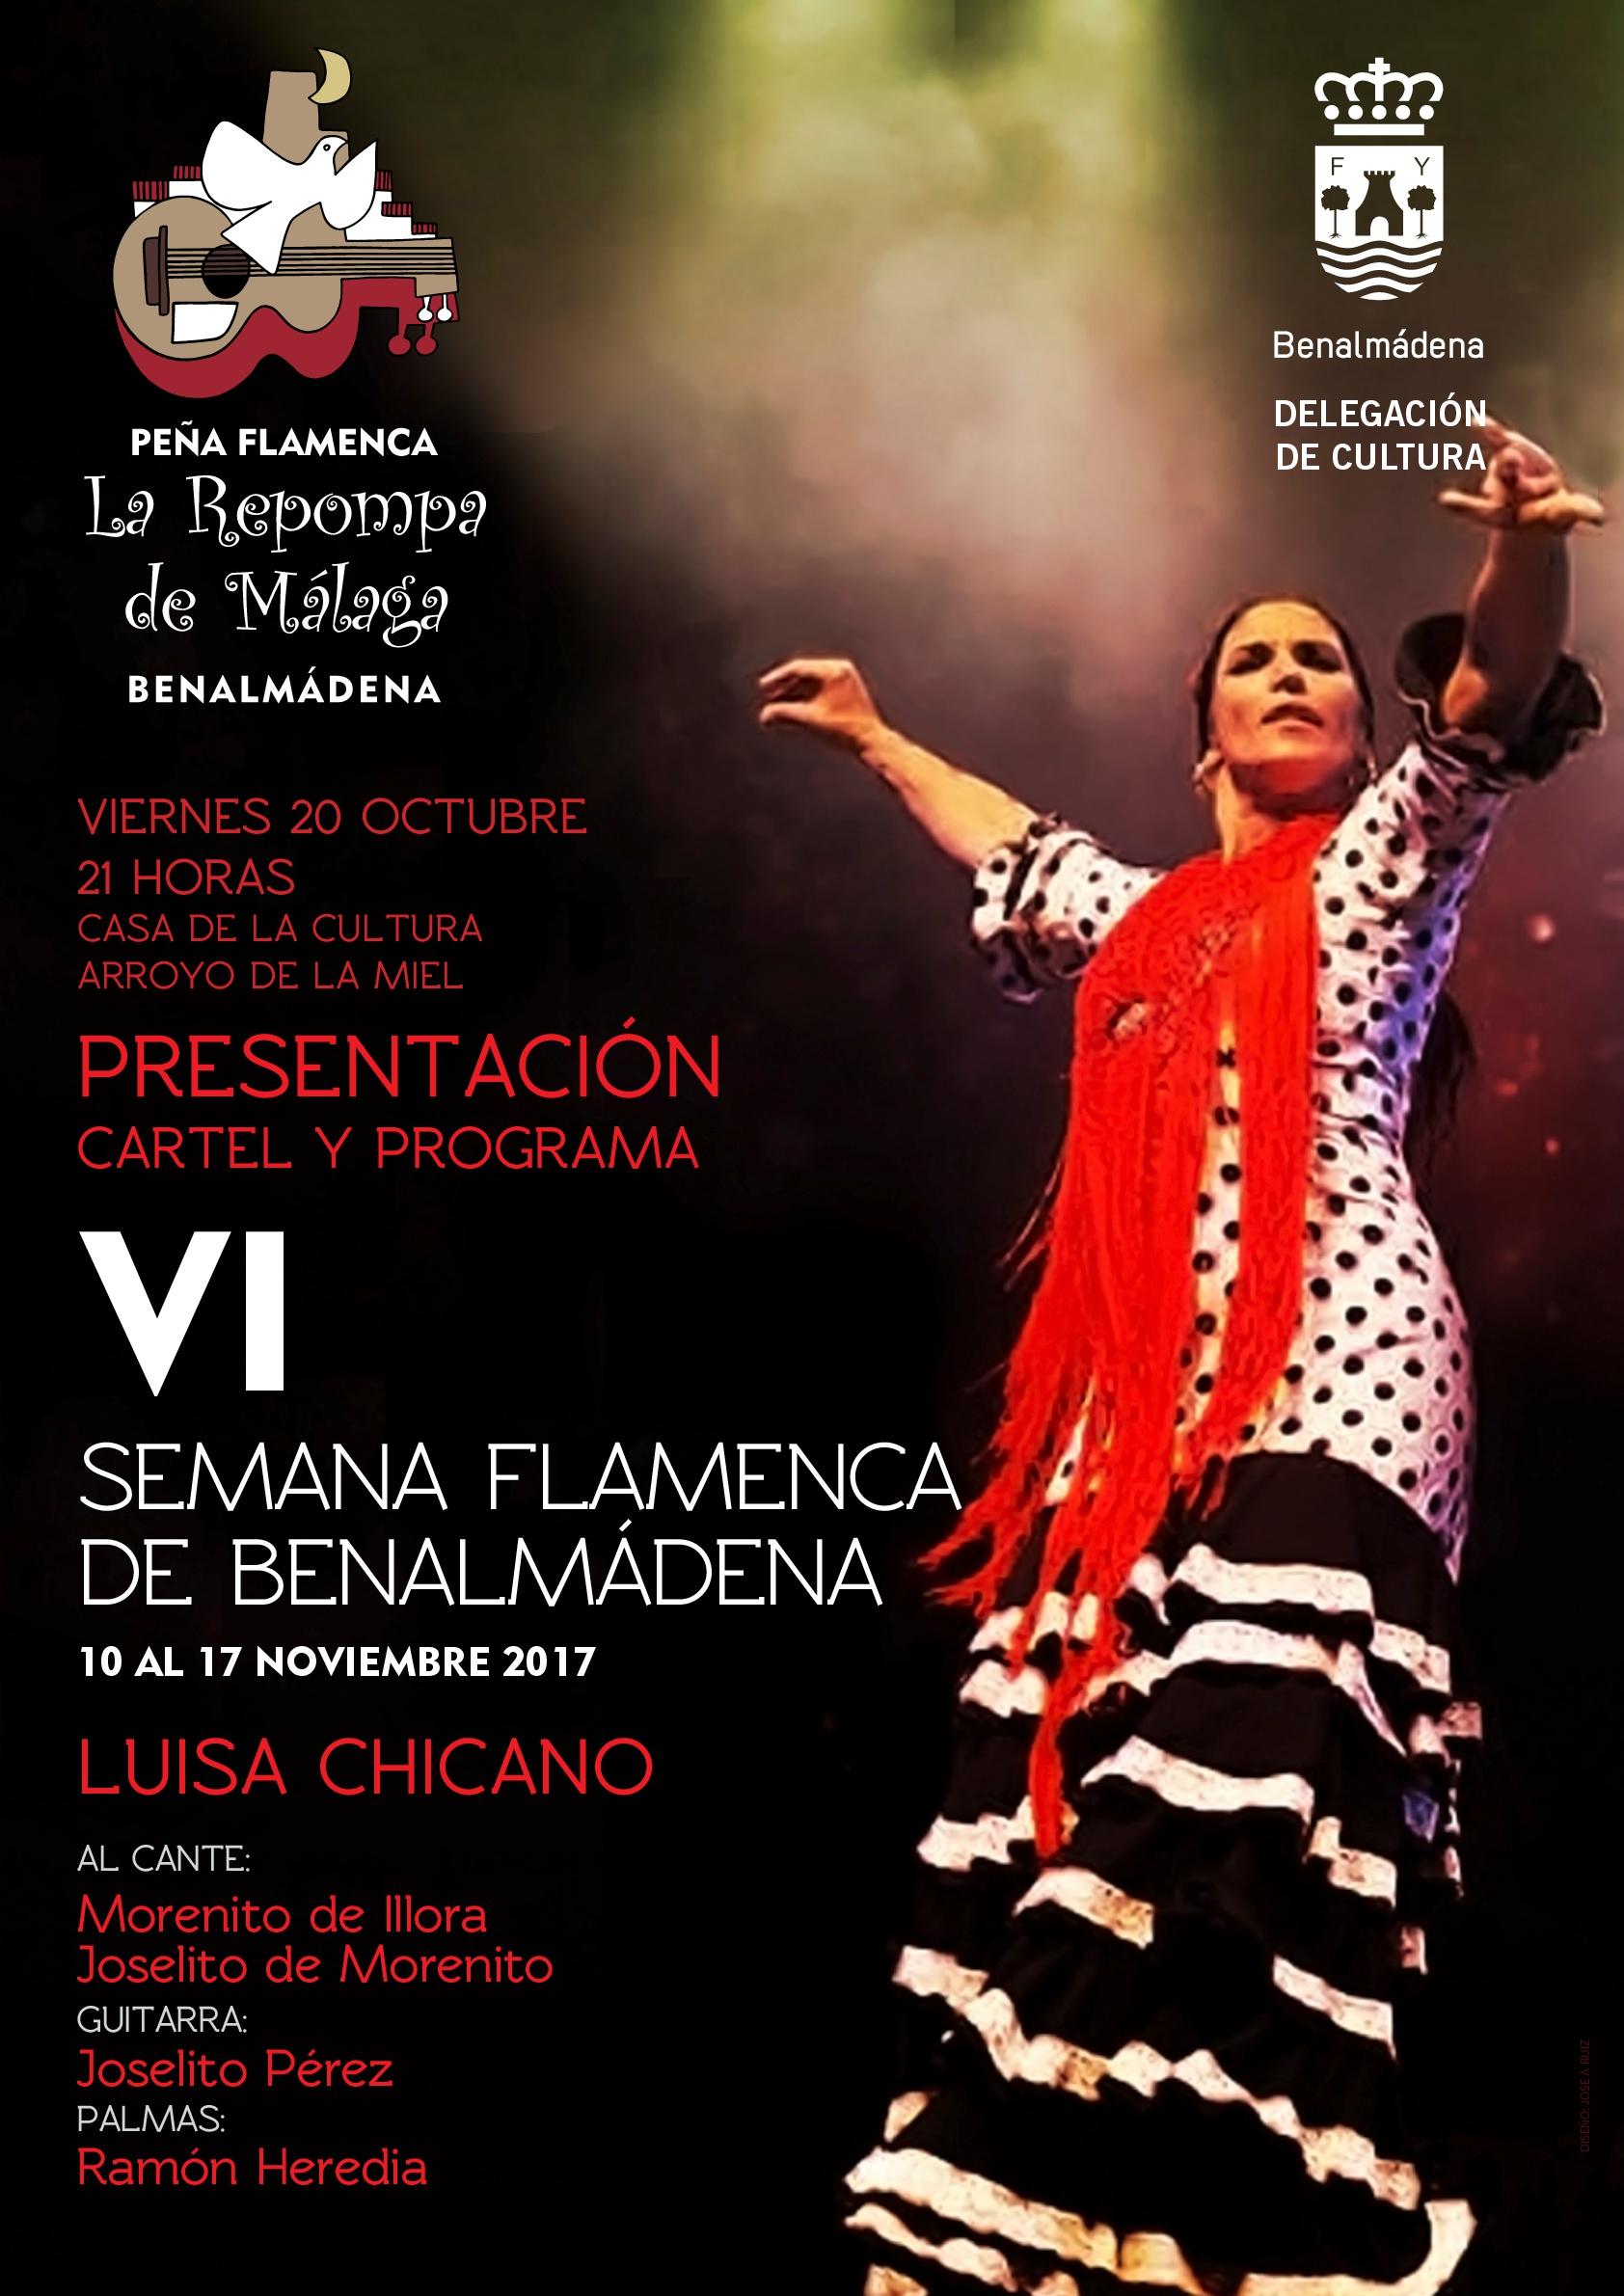 Presentación semana flamenca de Benalmádena